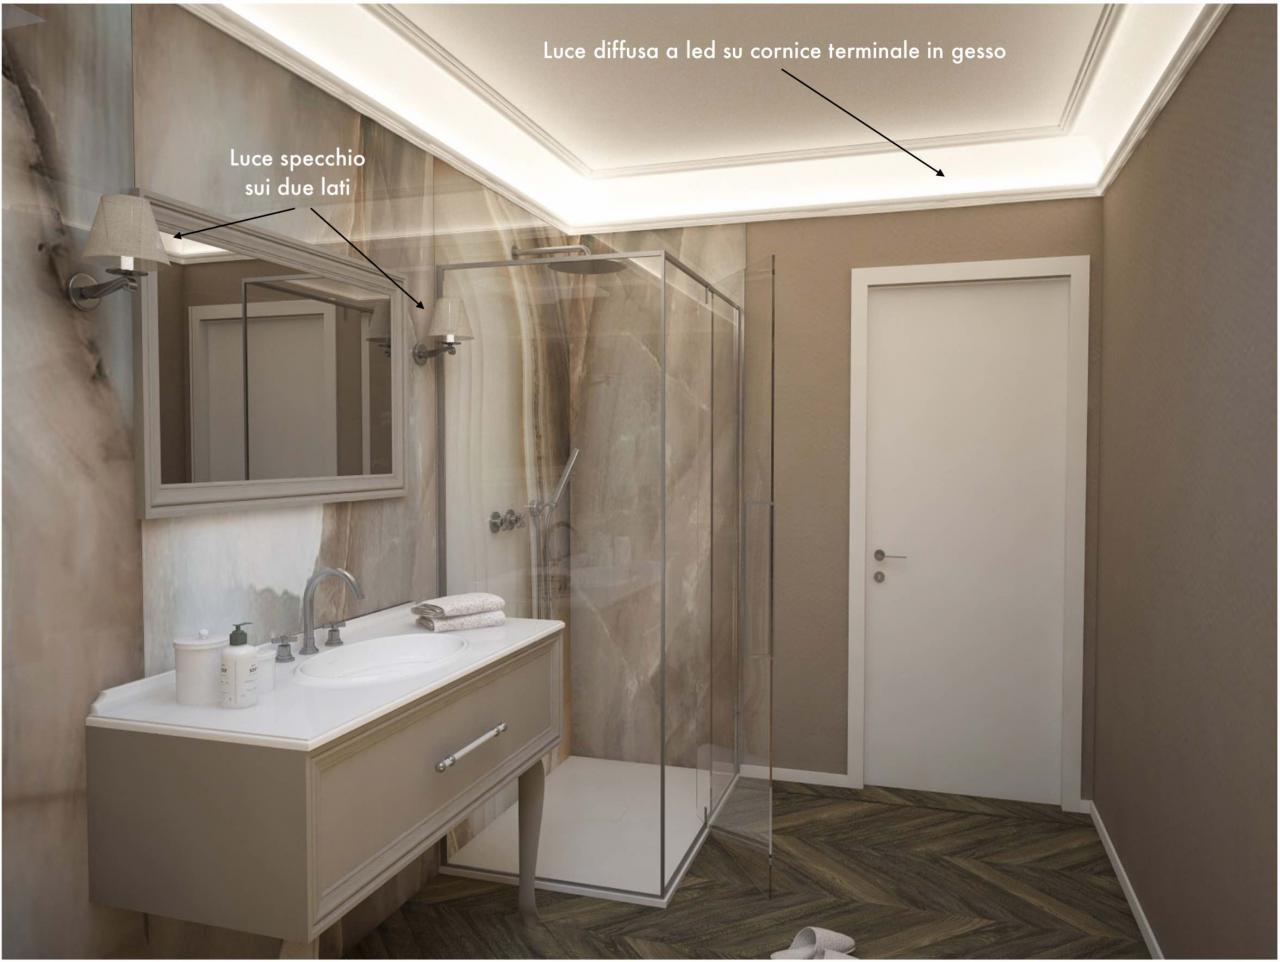 Illuminazione Bagno A Parete illuminazione in bagno: come realizzarla? | fratelli